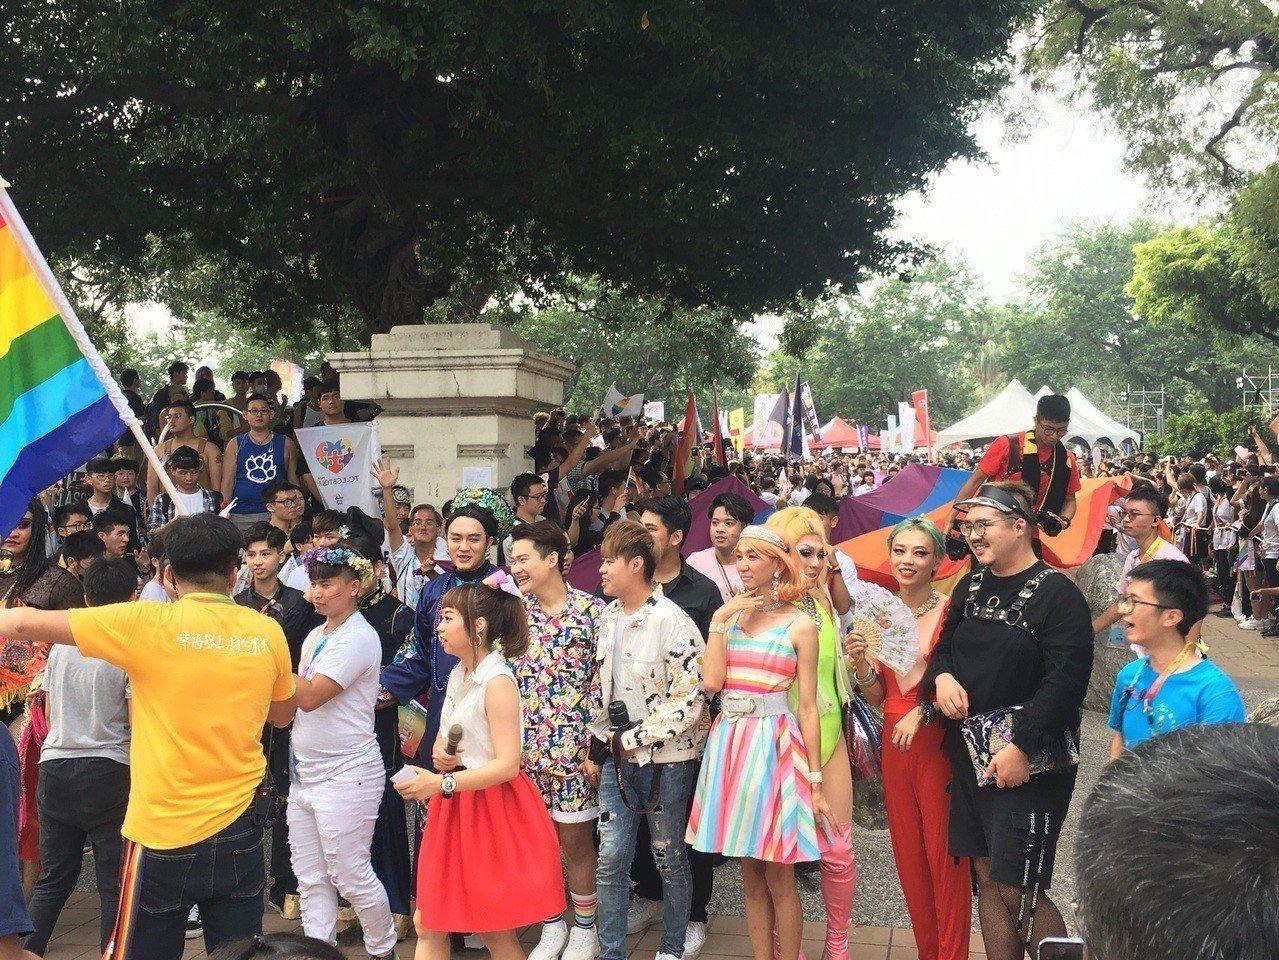 台中同志遊行聯盟今天下午在台中市北區台中公園,舉辦第八屆活動,不少參加者用心打扮...